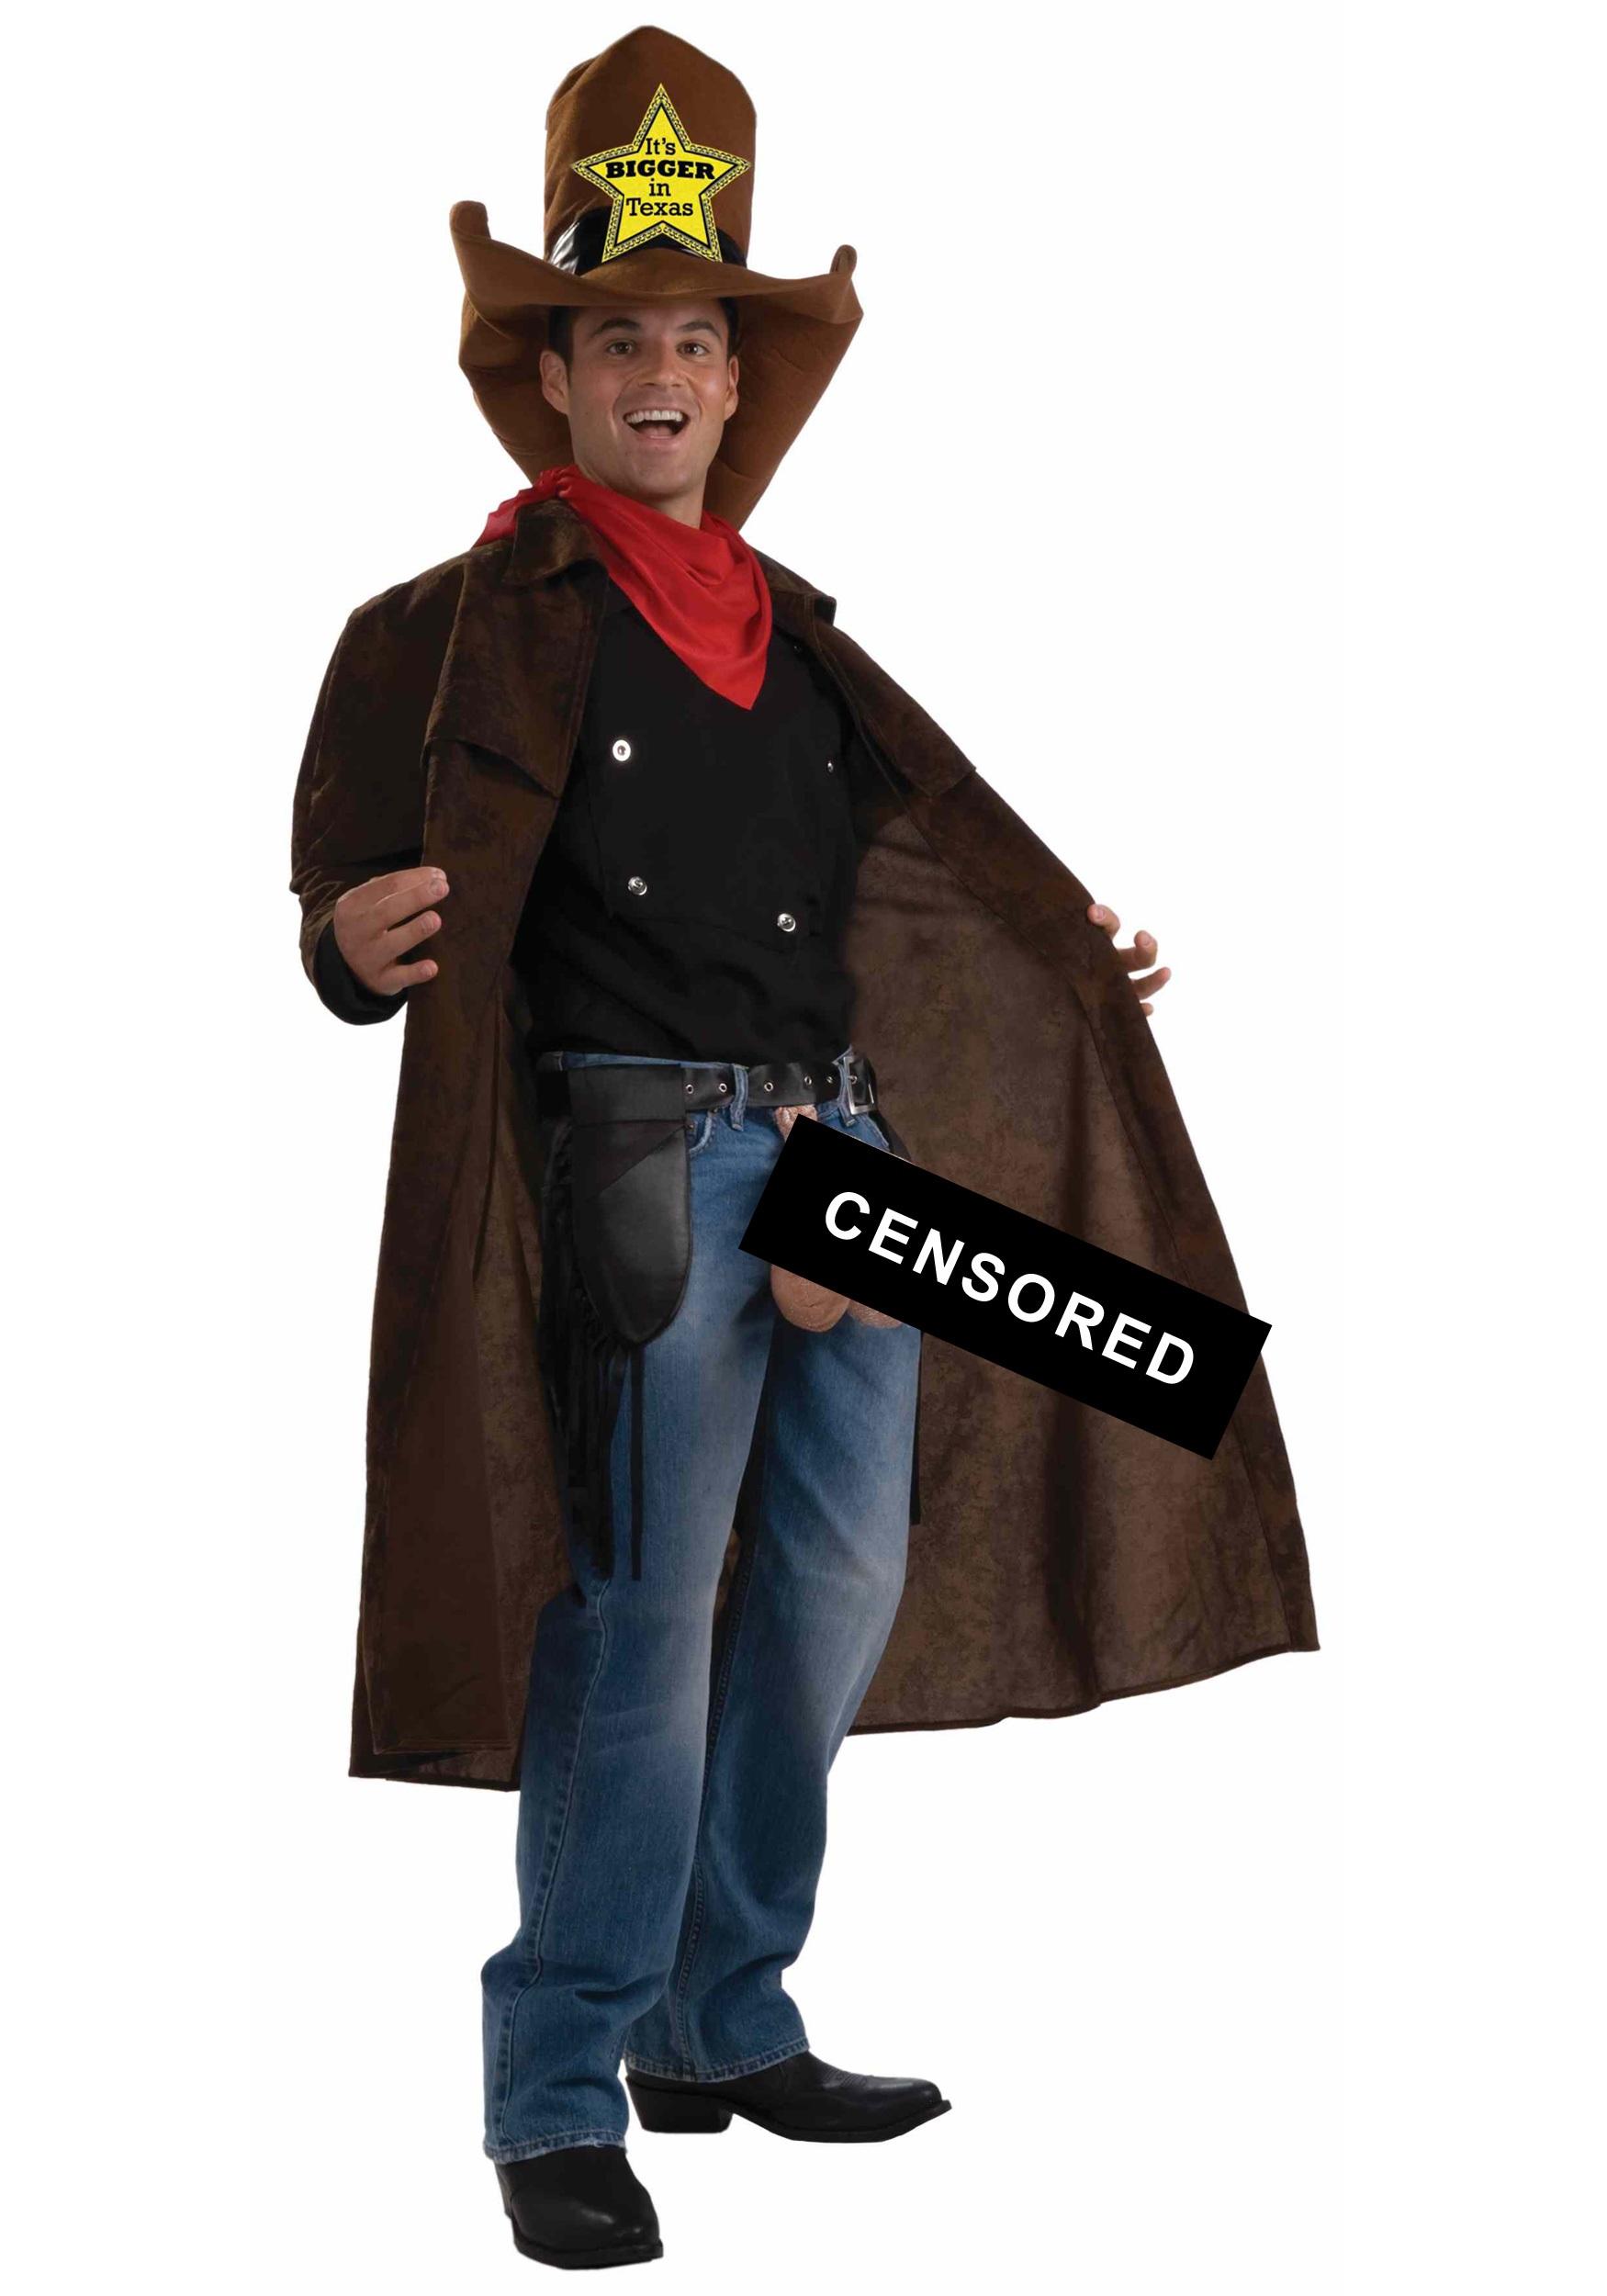 Bigger in texas costume solutioingenieria Choice Image